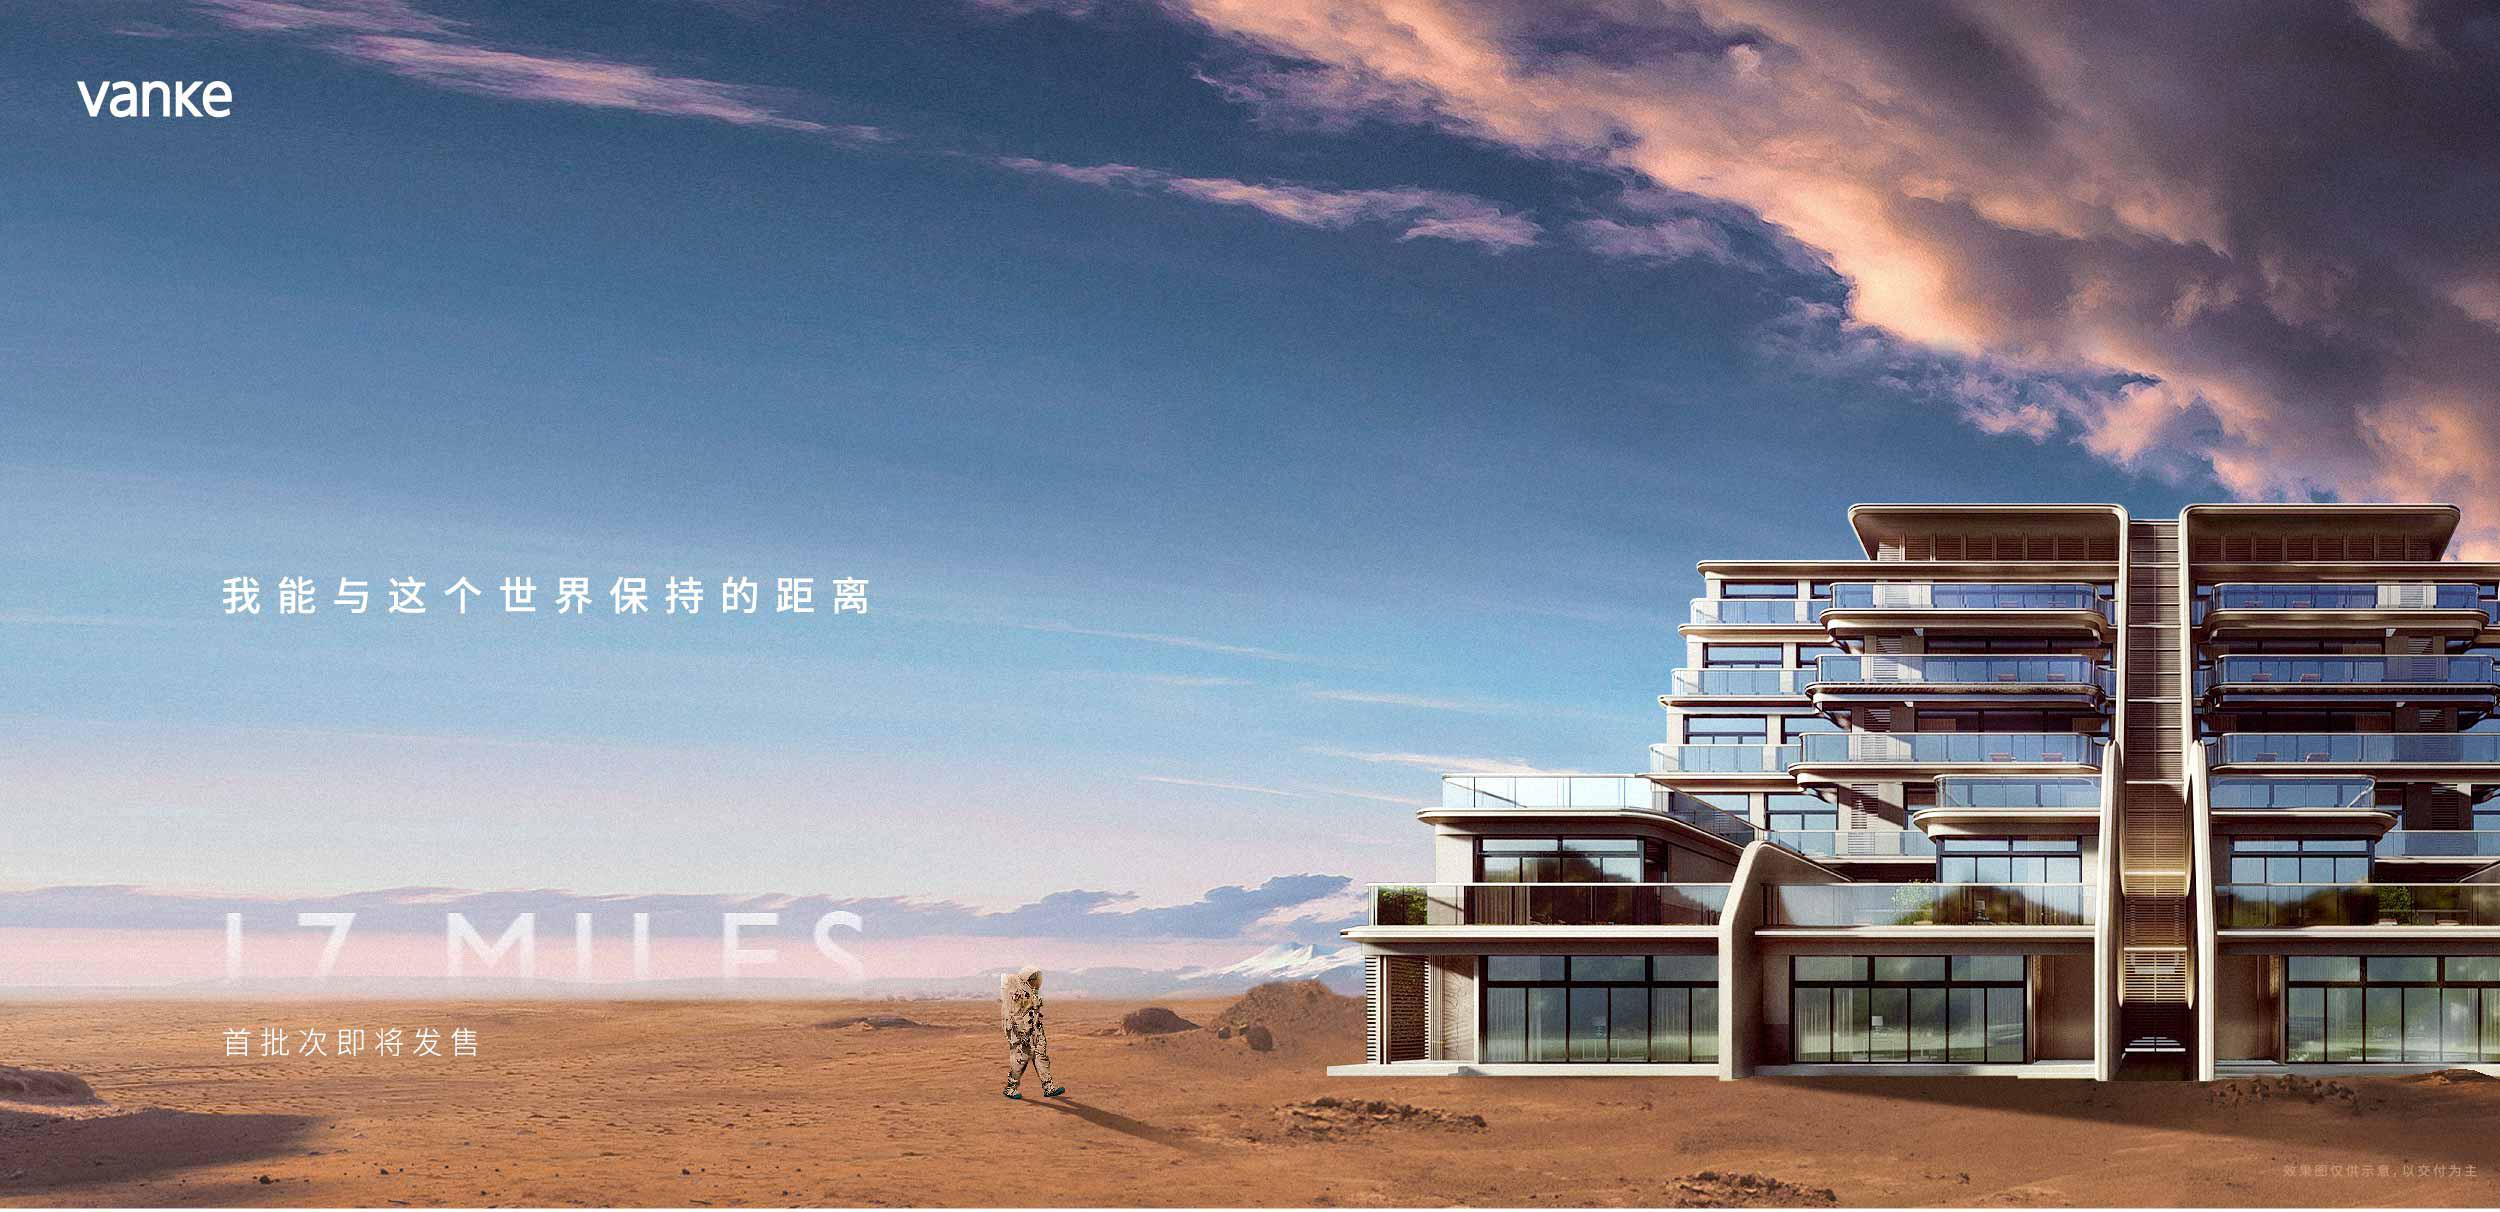 重庆TOP20房企实力解析 揭秘赢得市场的秘诀